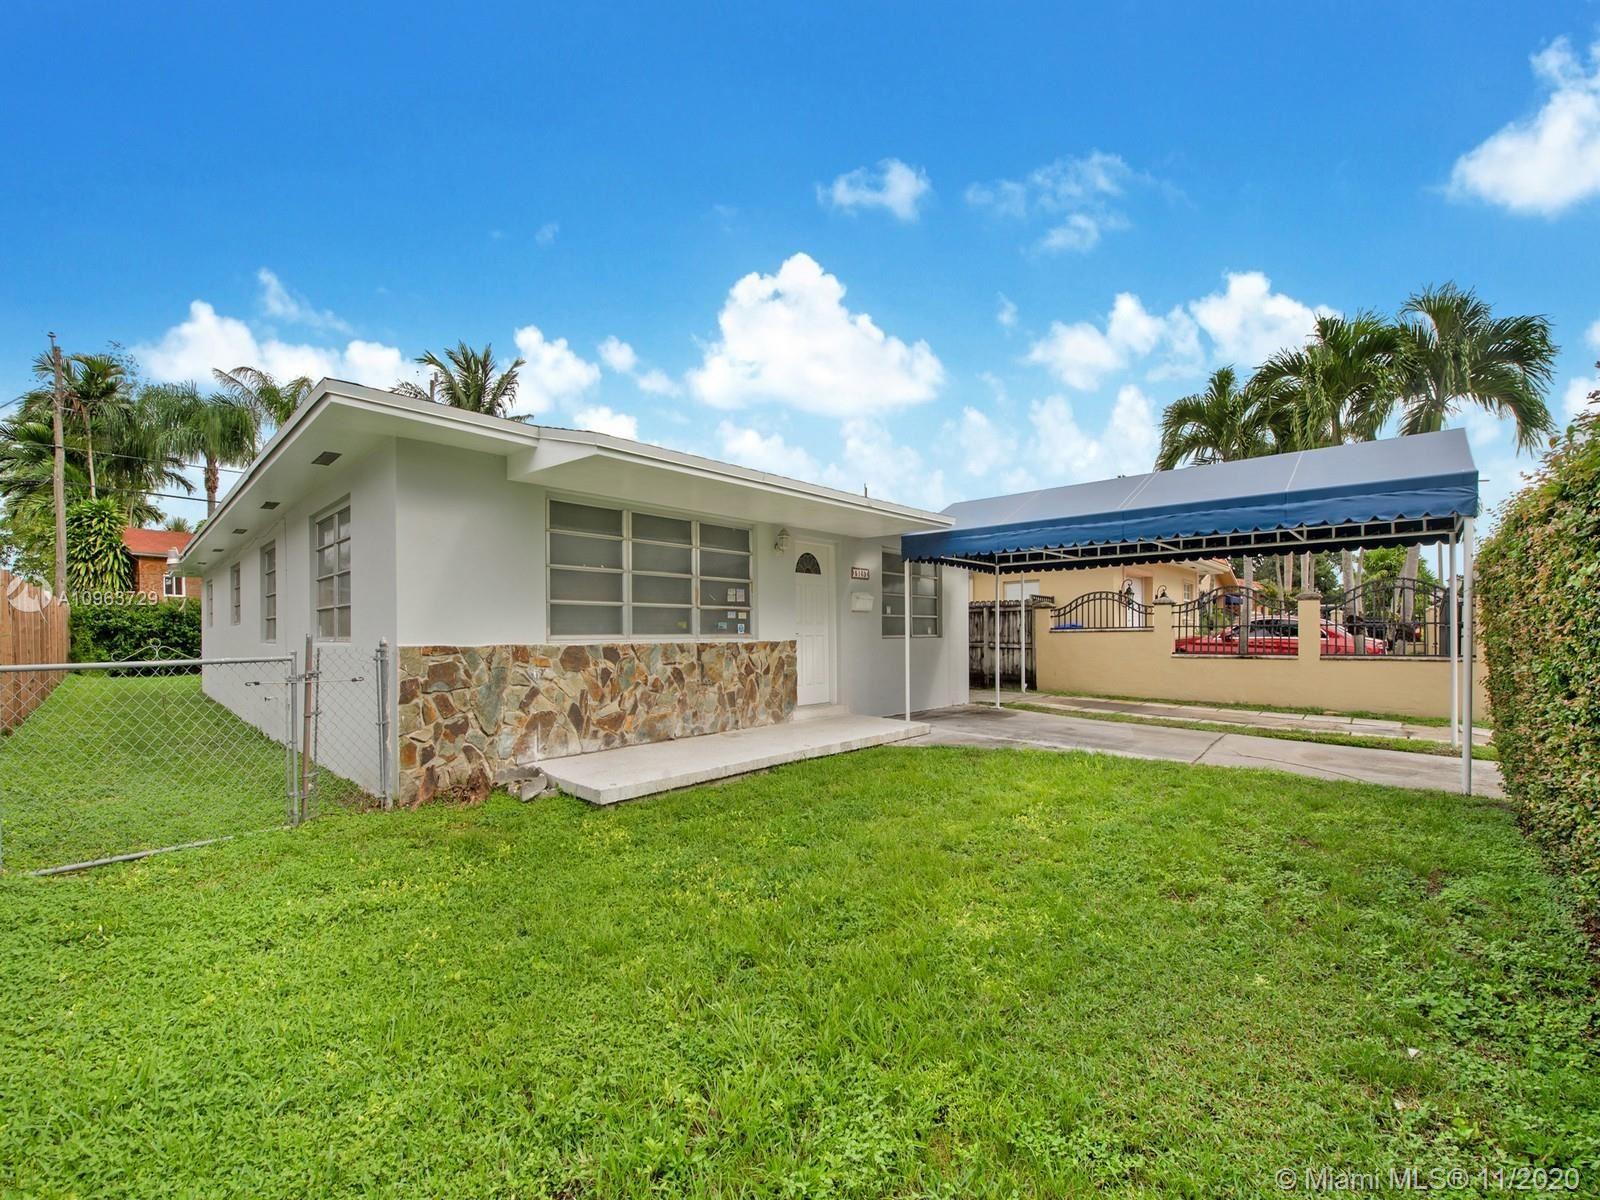 5169 SW 7th St, Miami, FL 33134 - #: A10963729